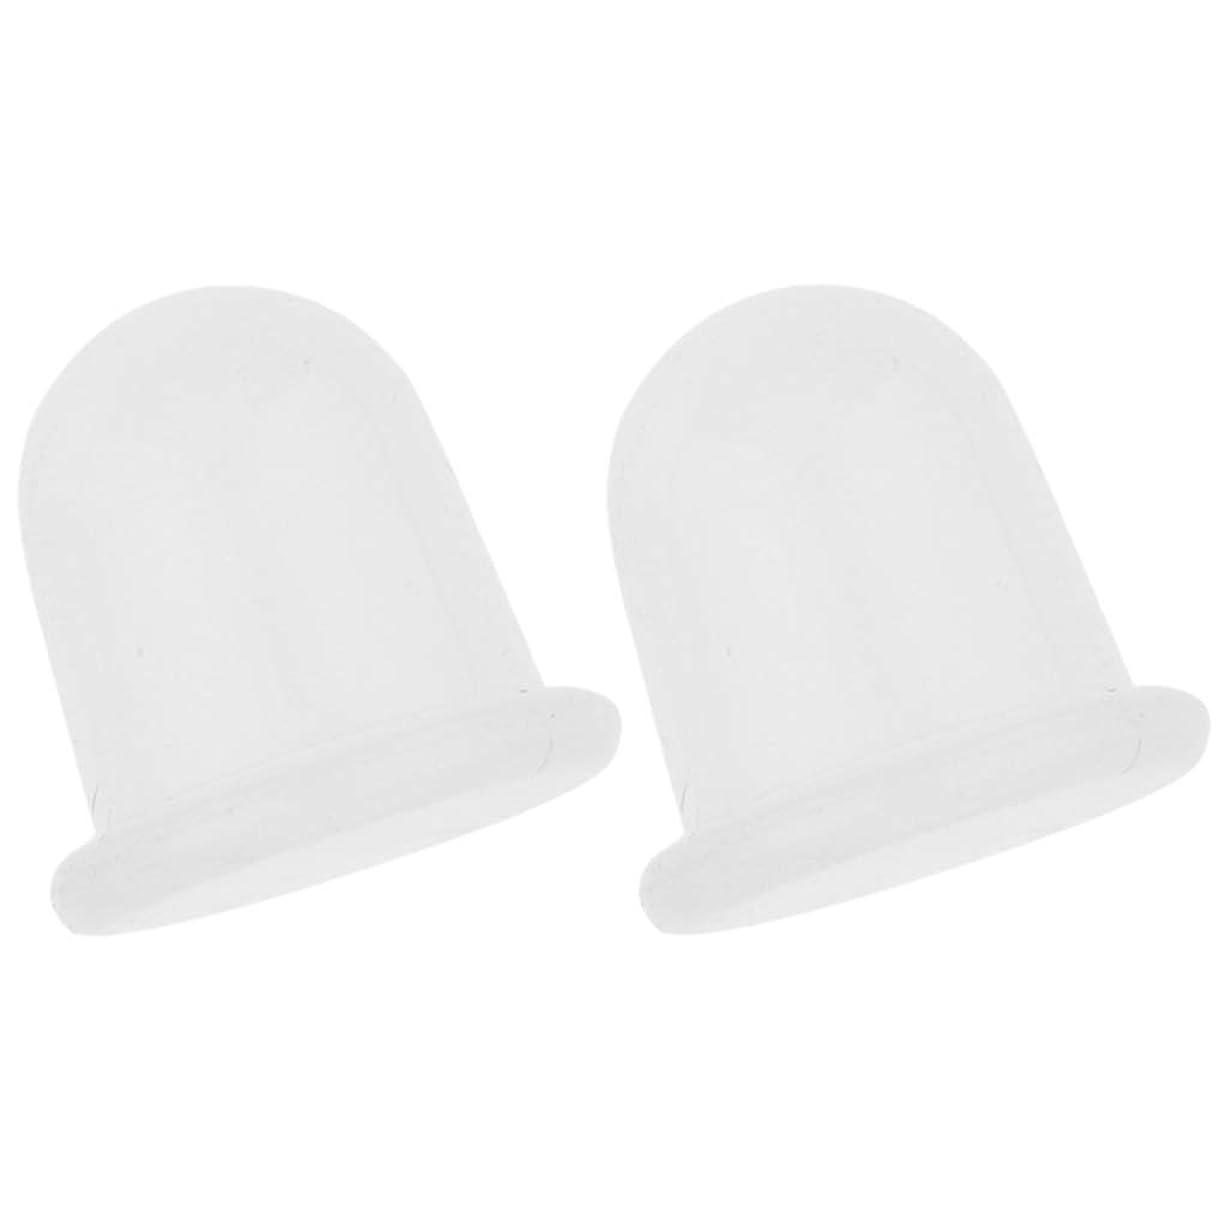 デクリメント組立読みやすいsharprepublic ボディー ビューティーストレス 空カップ 吸い玉 真空カッピングカップ 持ち運び 可能 汎用 2個入り